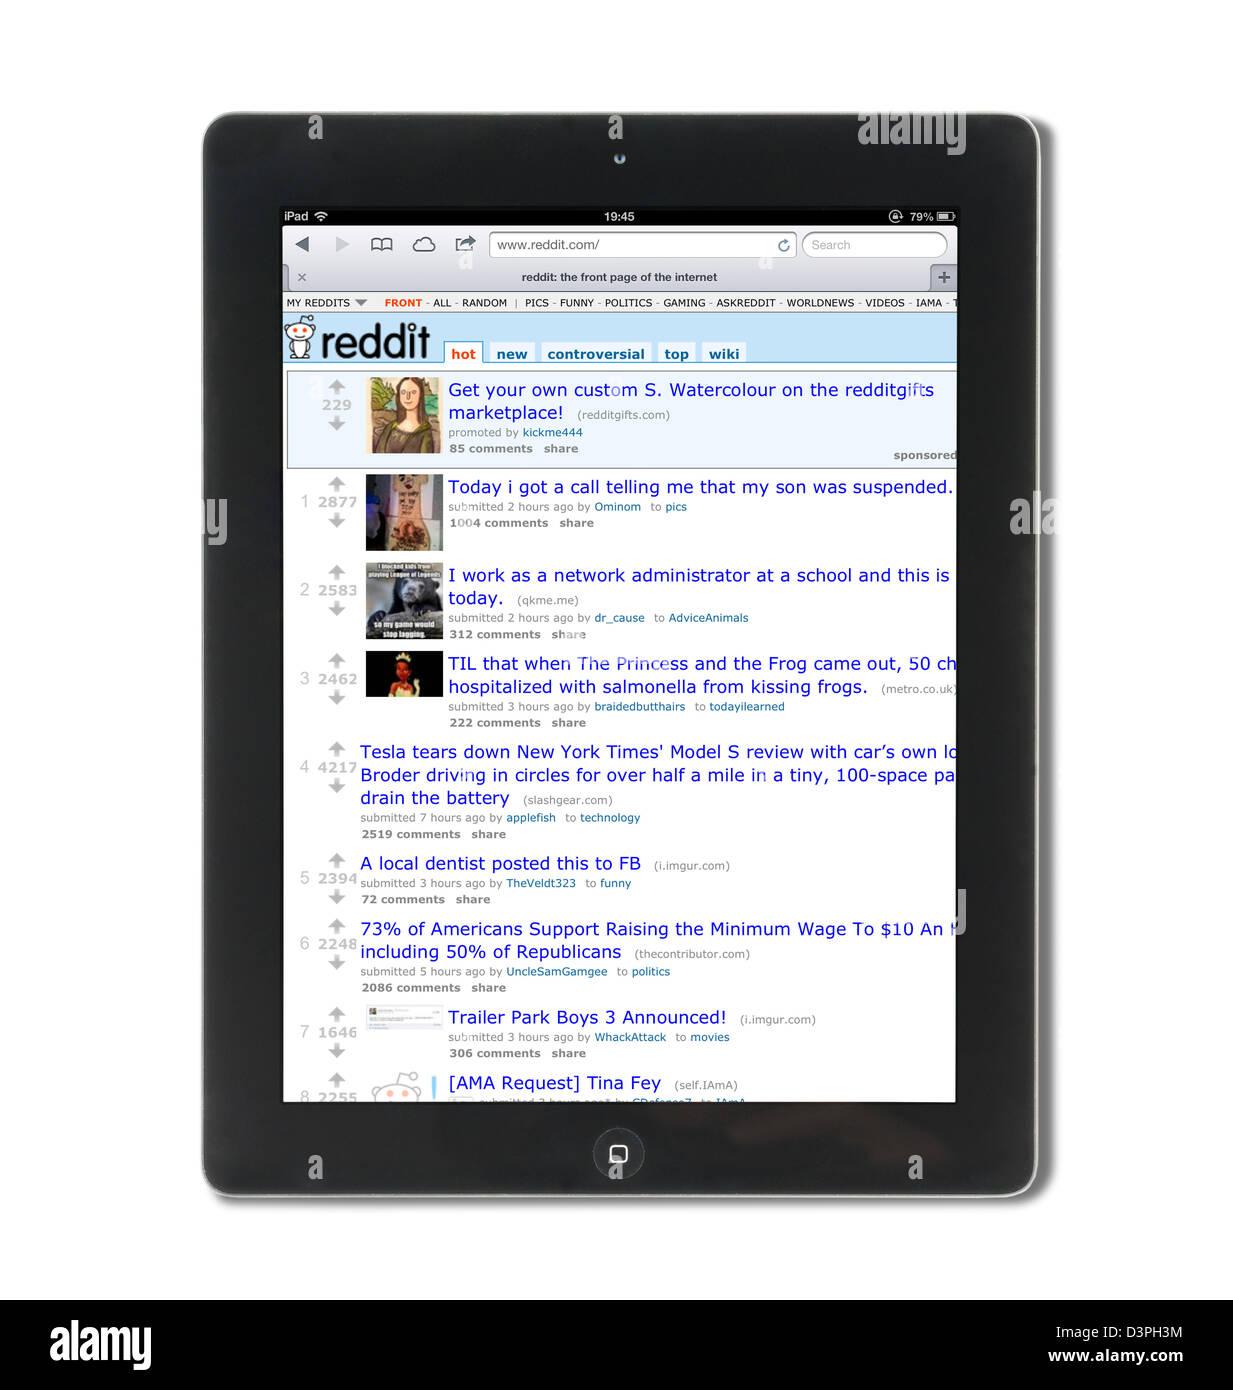 Reddit, el sitio de noticias y entretenimiento, sociales, vistos en una 4ª generación de Apple iPad Imagen De Stock